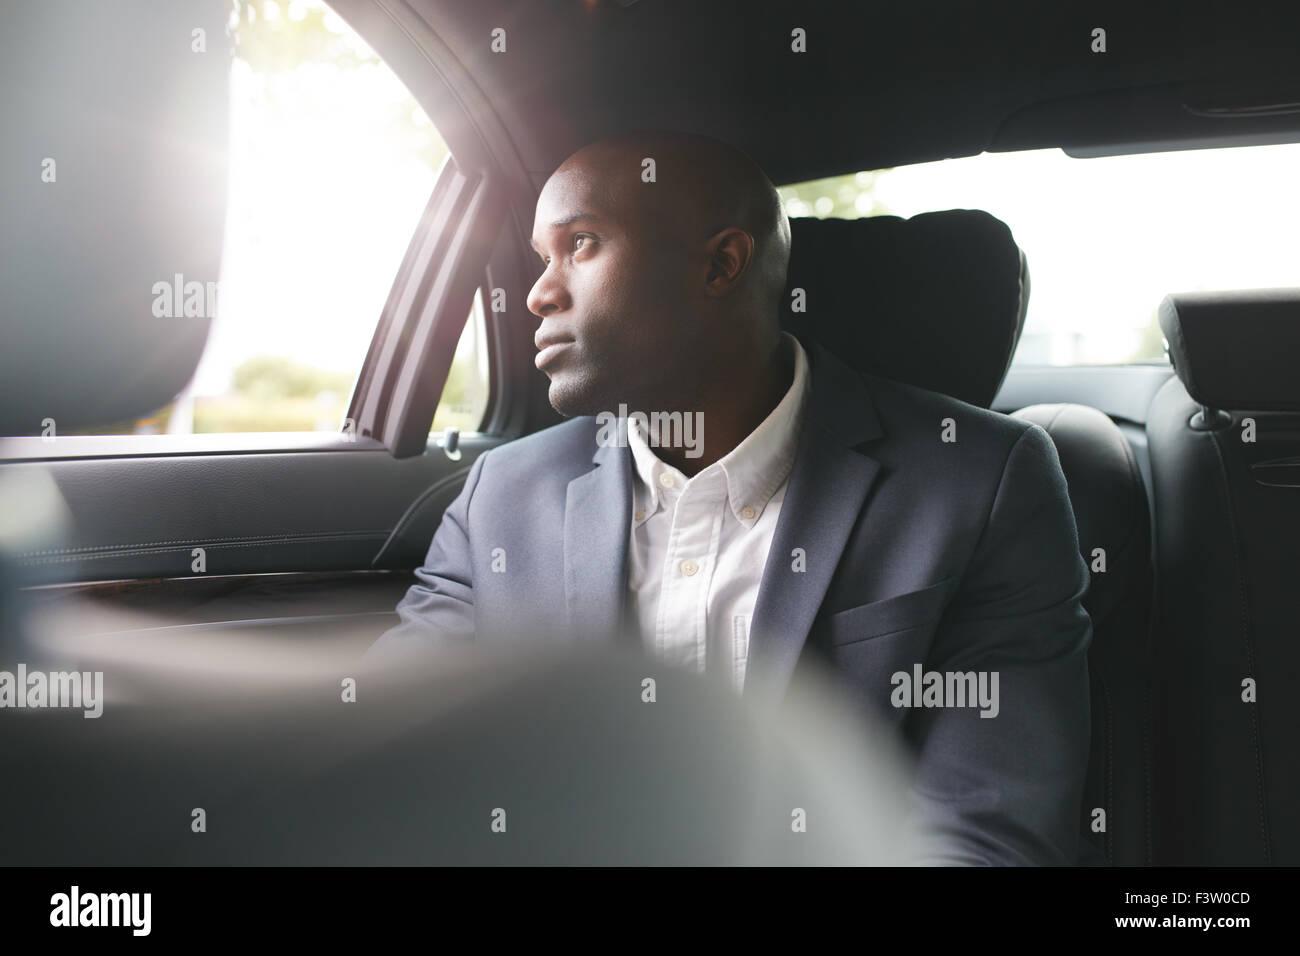 Junge afrikanische Geschäftsmann unterwegs, um in der Luxus-Auto auf dem Rücksitz schauen aus dem Fenster Stockbild